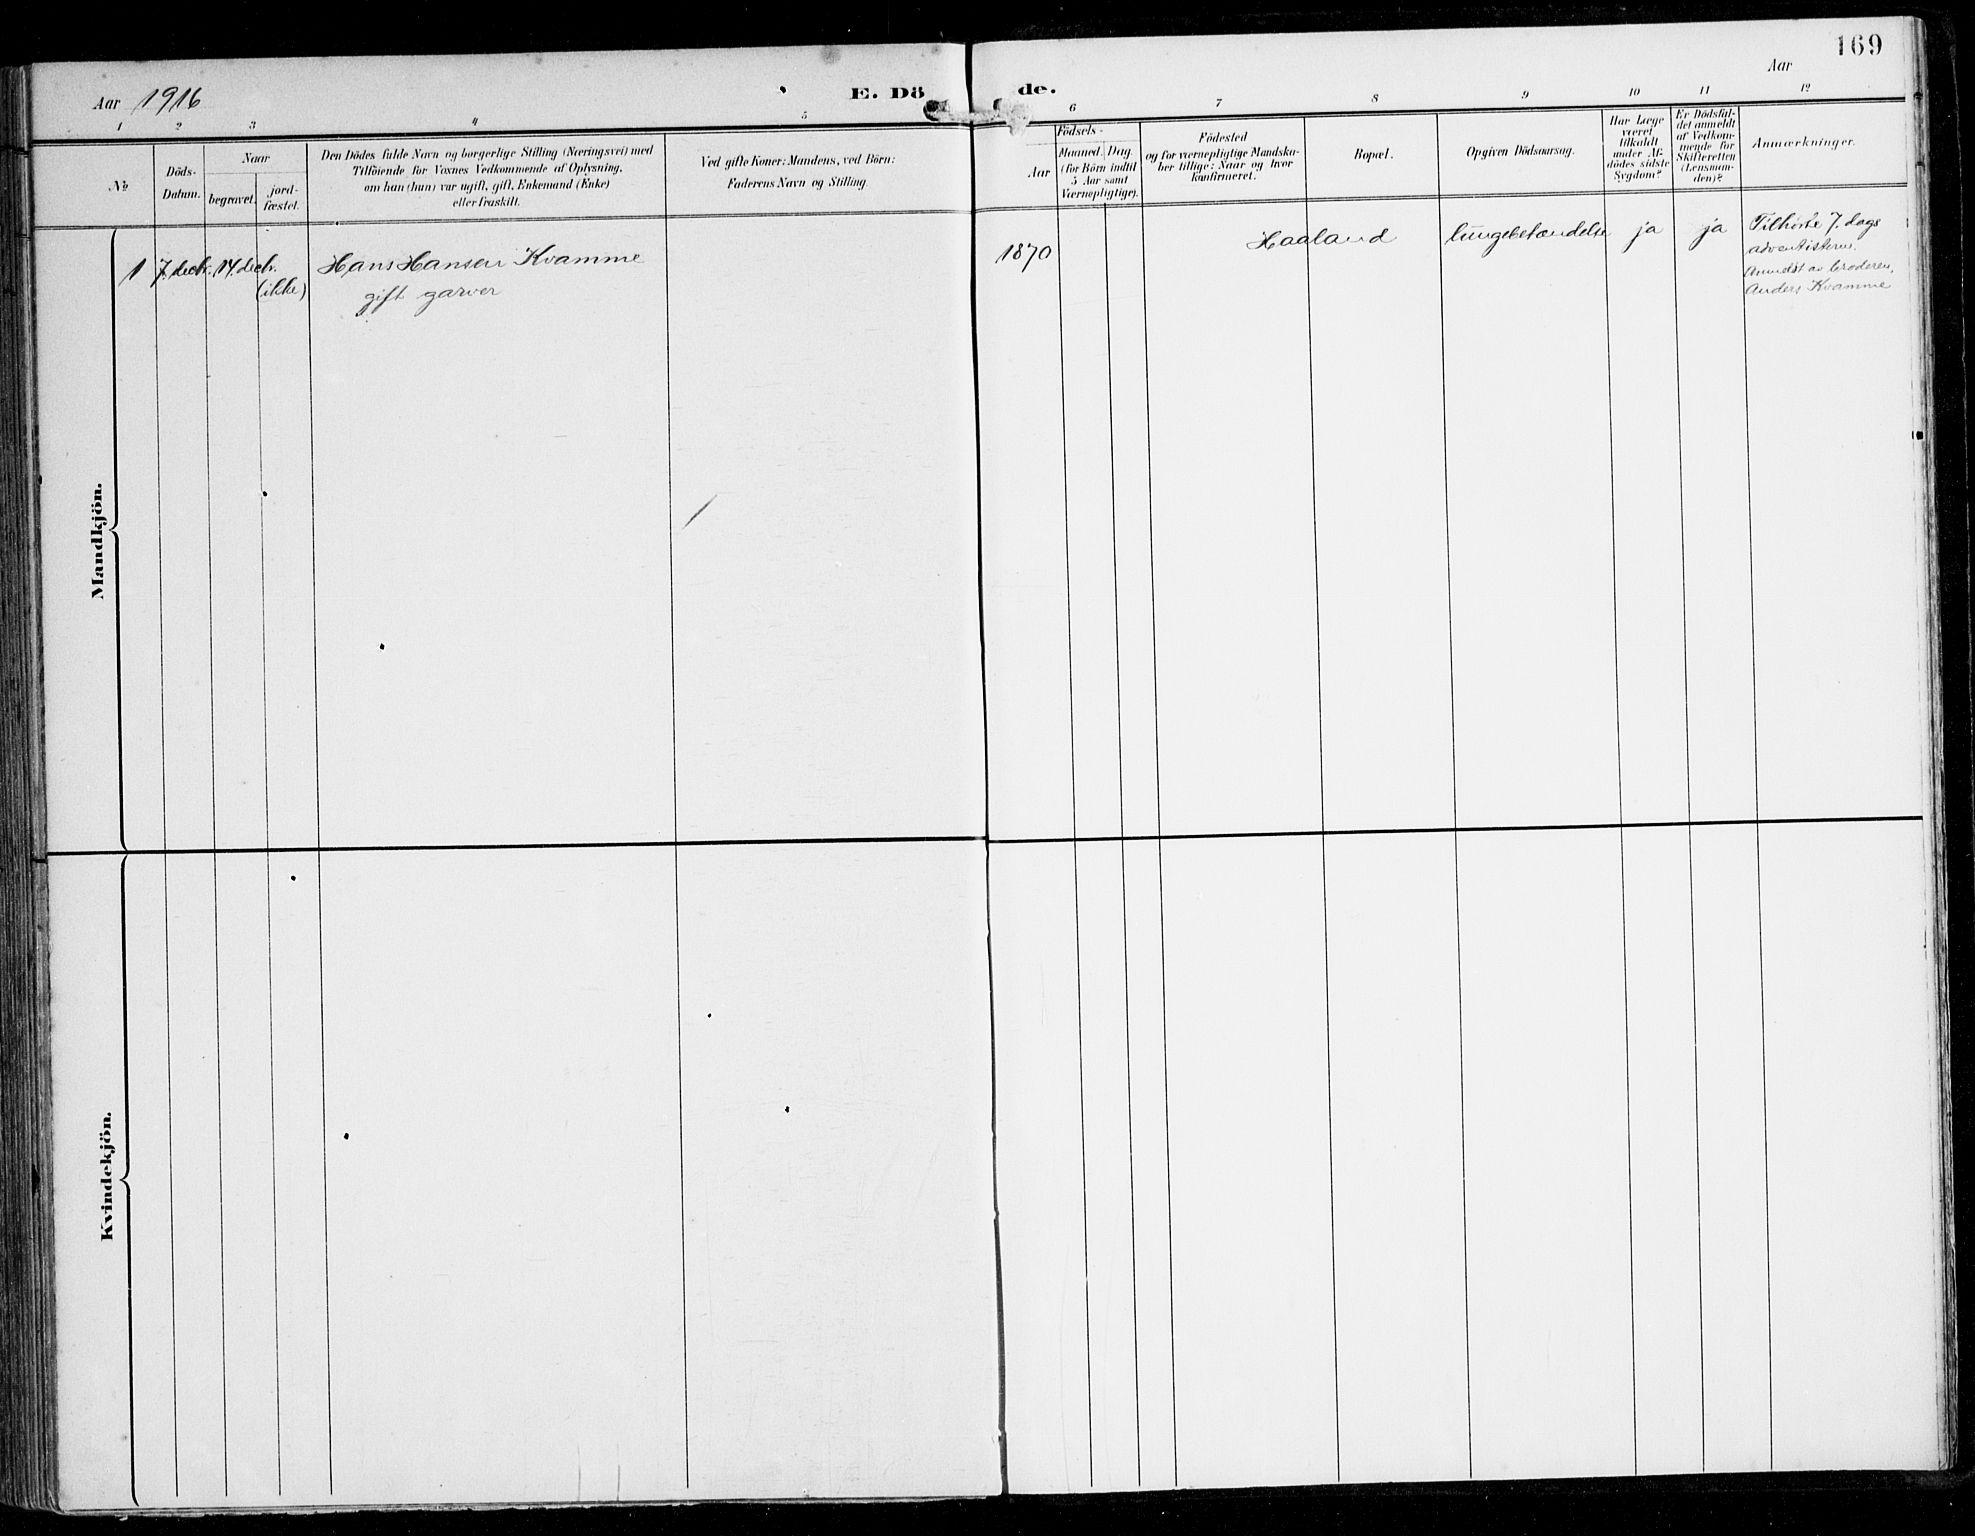 SAB, Alversund Sokneprestembete, H/Ha/Haa/Haaa/L0003: Ministerialbok nr. A 3, 1897-1926, s. 169